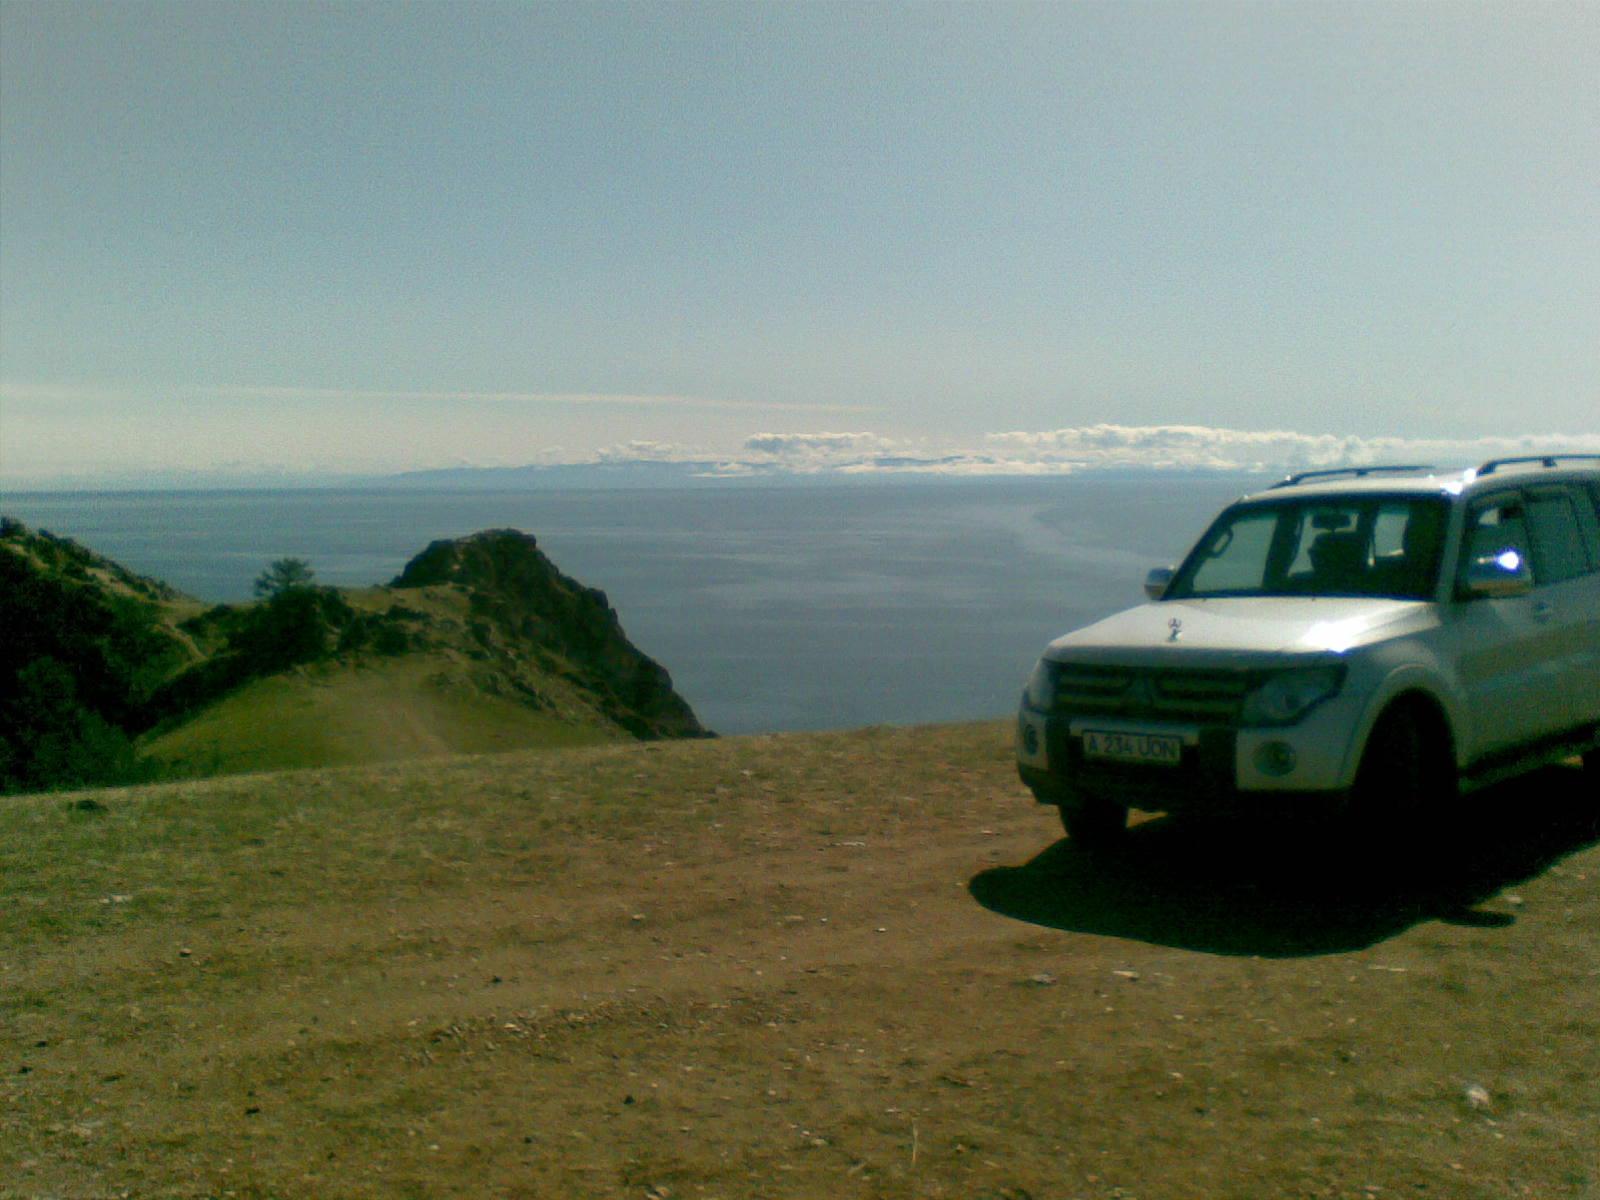 Байкал. Остров Ольхон. Мыс Шунтэ-Левый. Baikal. Olkhon Island. Cape Shunte-Left.